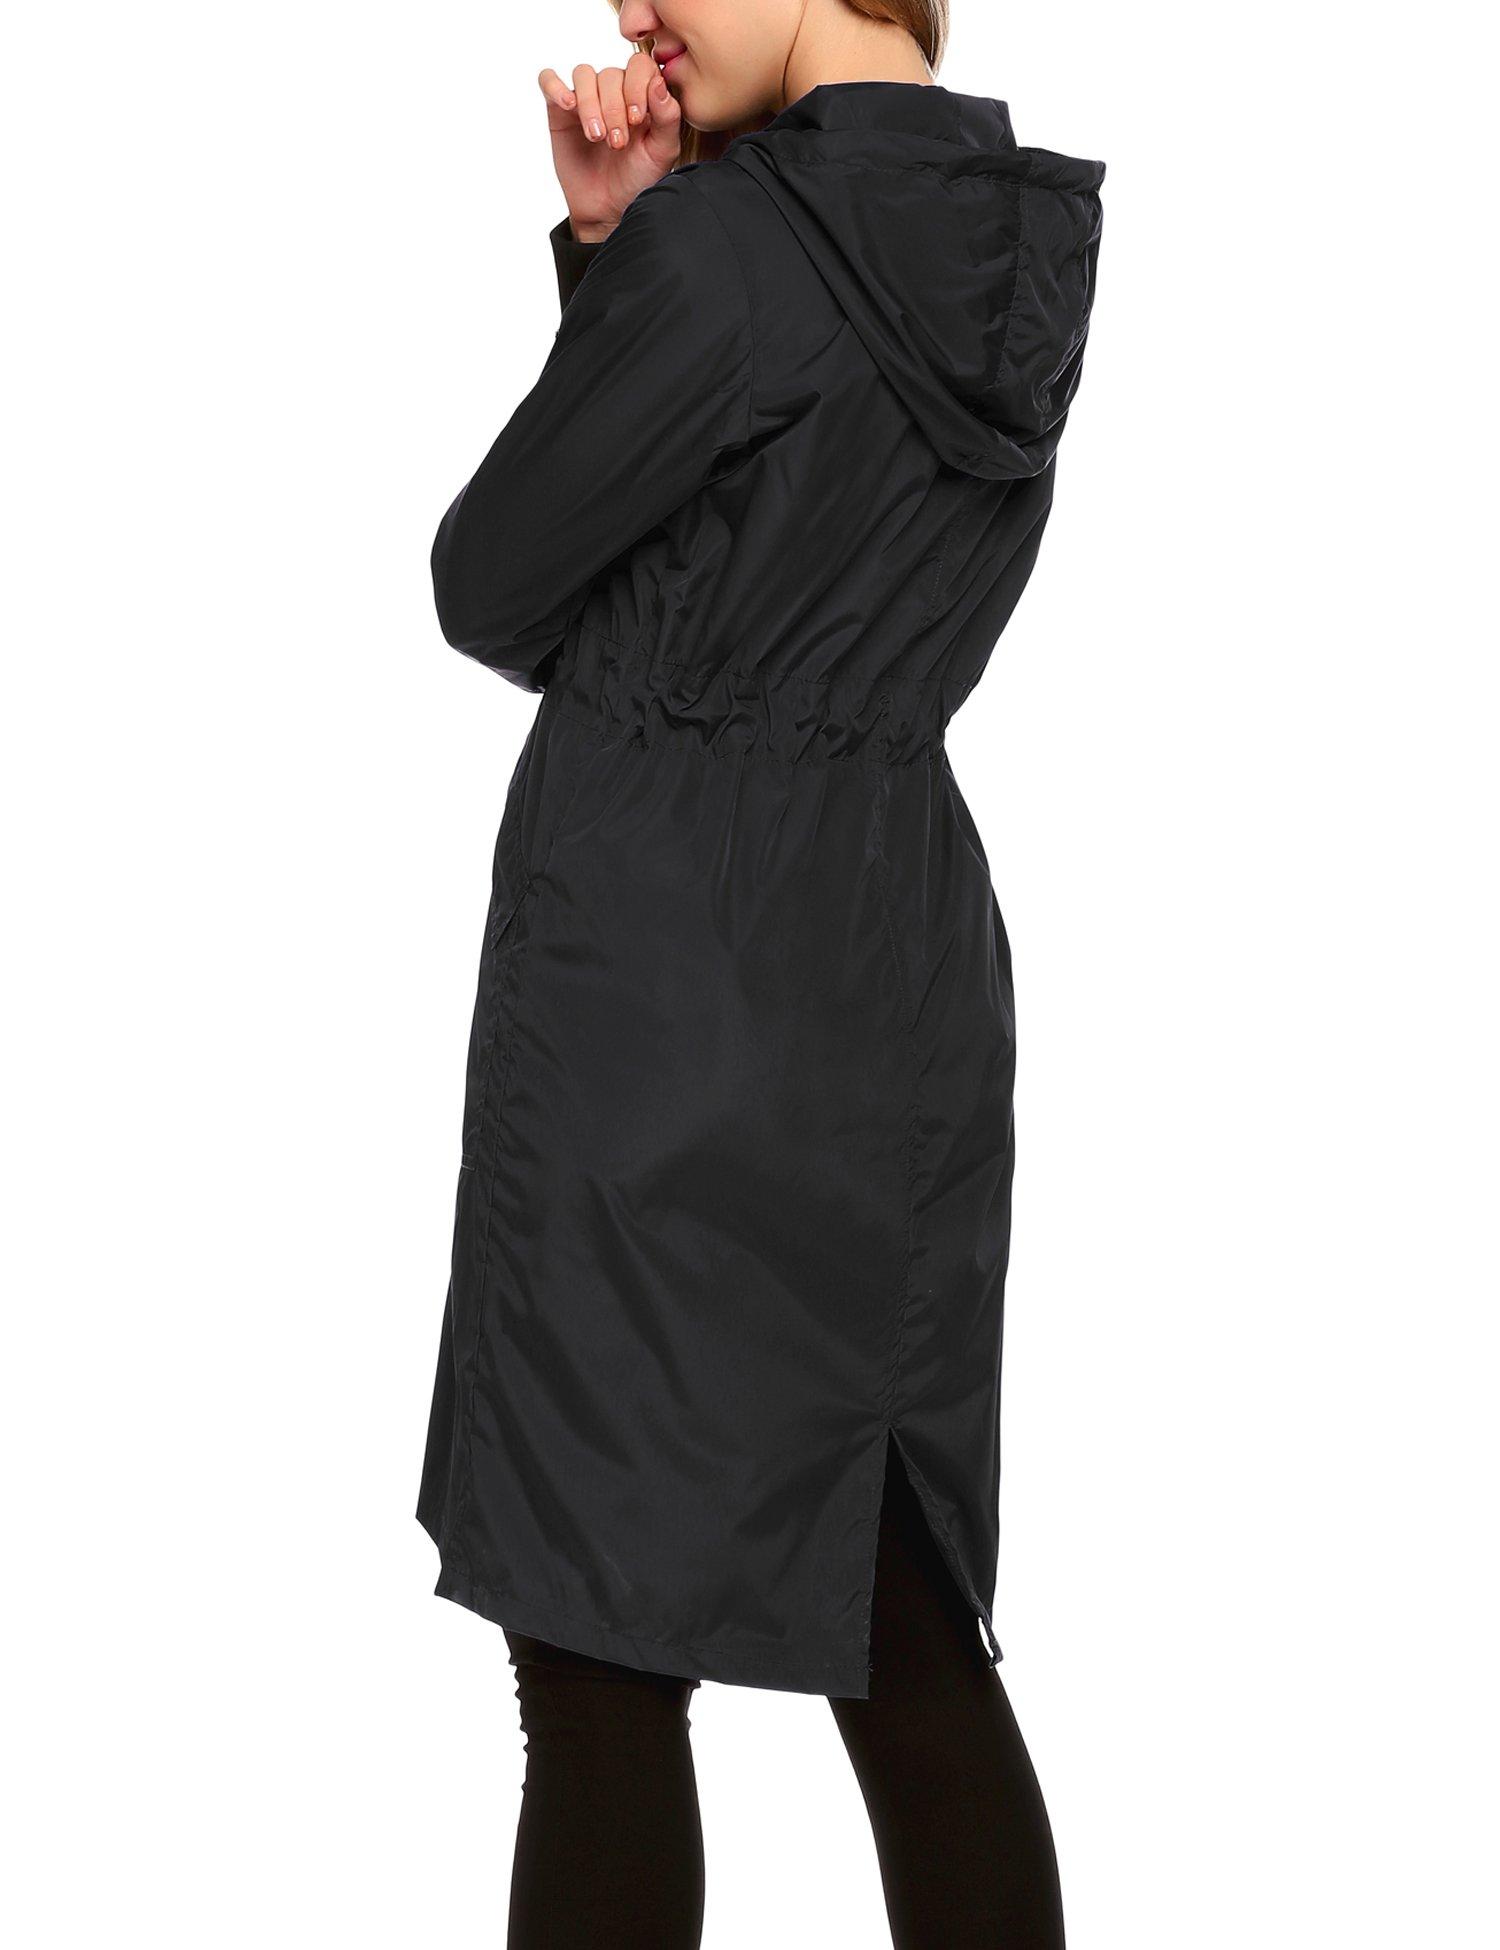 Zeagoo Women's Waterproof Front-Zip Lightweight Hoodie Hiking Cycling Outdoor Raincoat Active Jacket,Black,XXL by Zeagoo (Image #5)